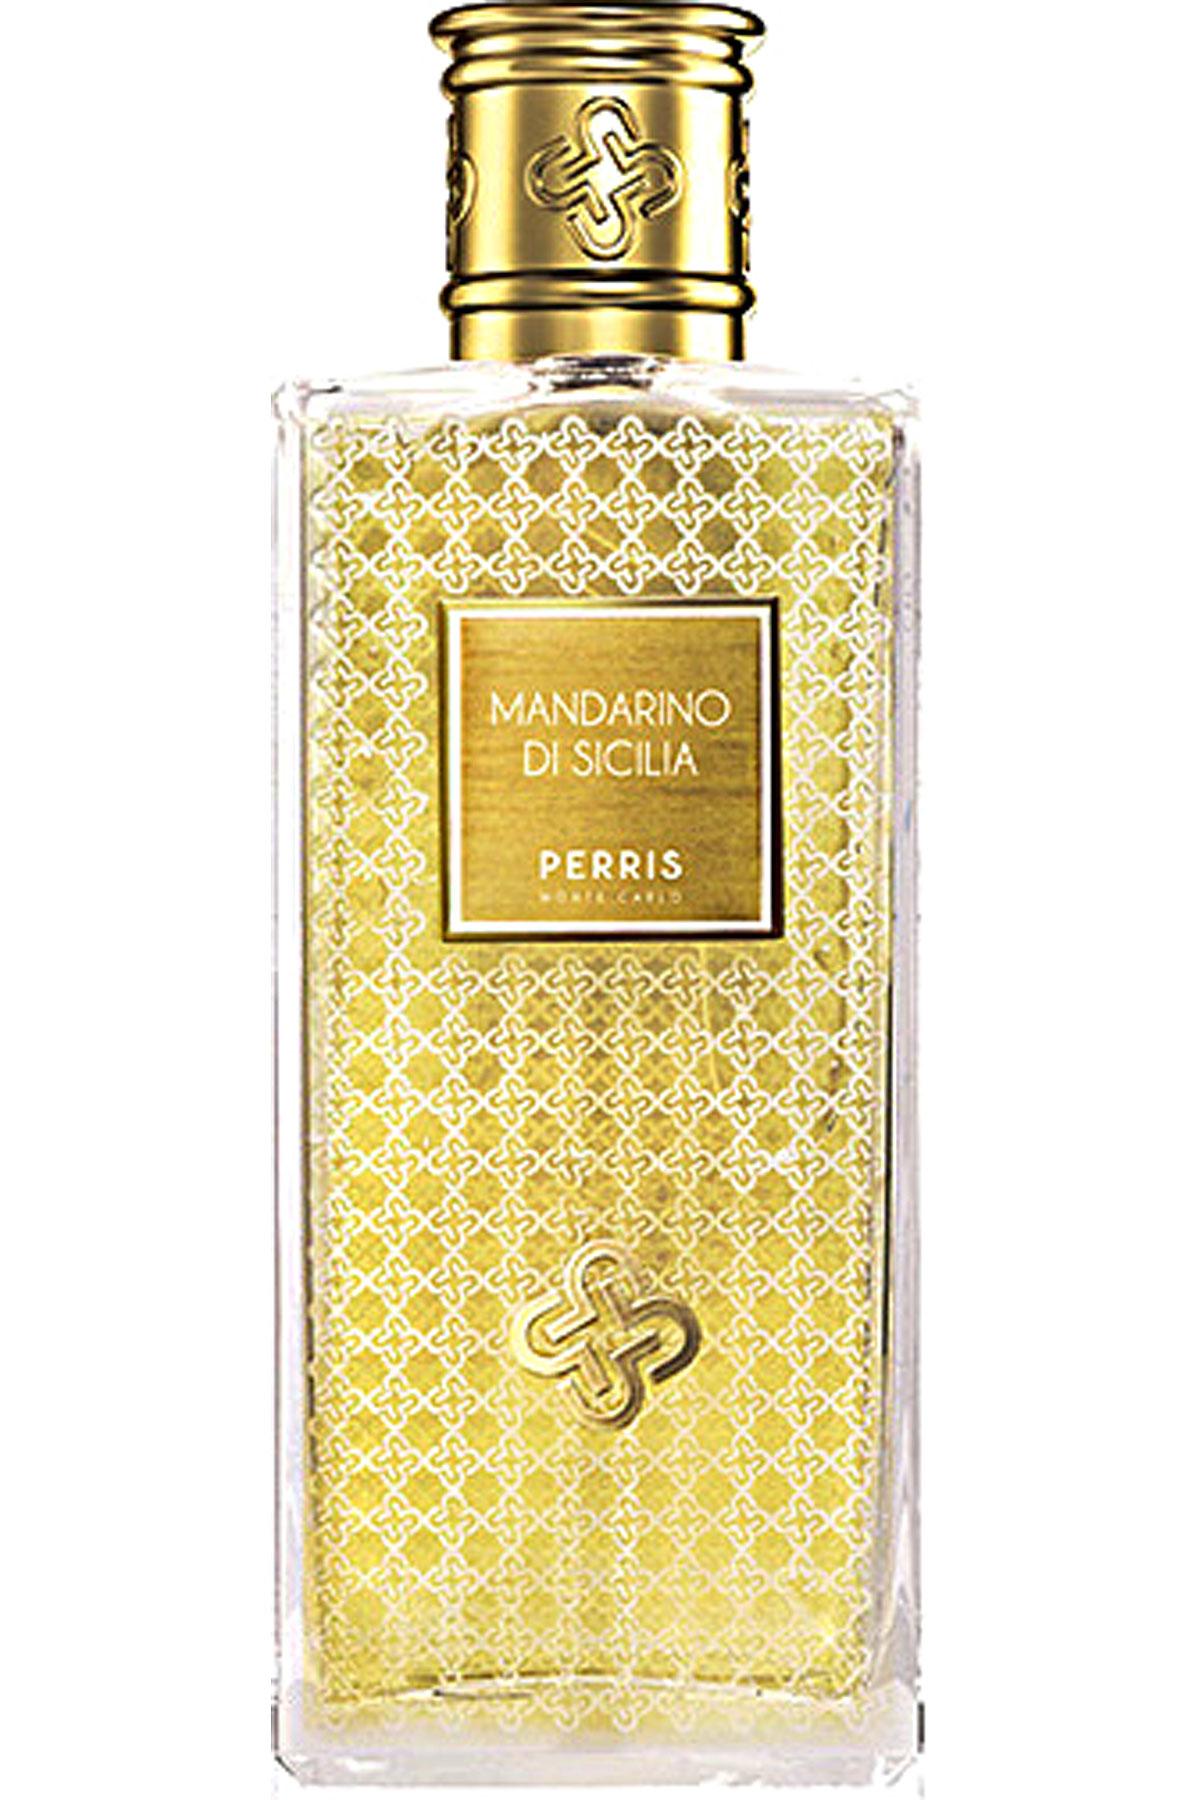 Perris Monte Carlo Fragrances for Men, Mandarino Di Sicilia - Eau De Parfum - 100 Ml, 2019, 100 ml